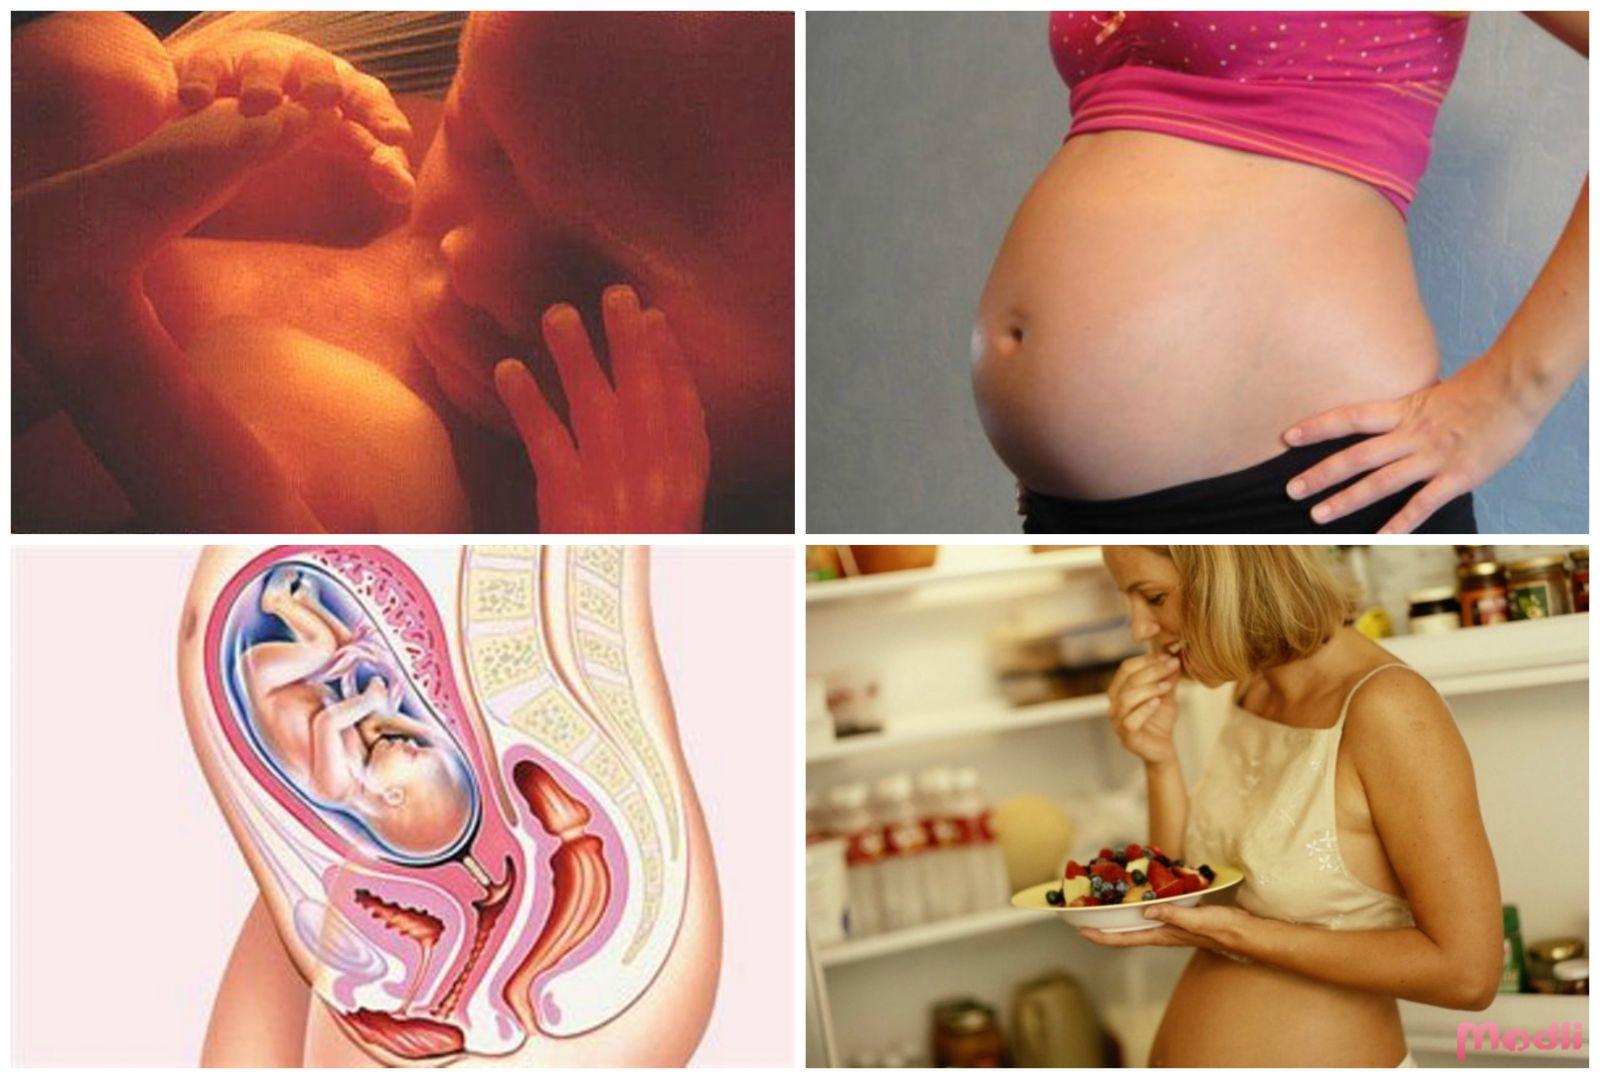 22 неделя беременности: развитие плода вес и рост. что происходит с мамой и малышом